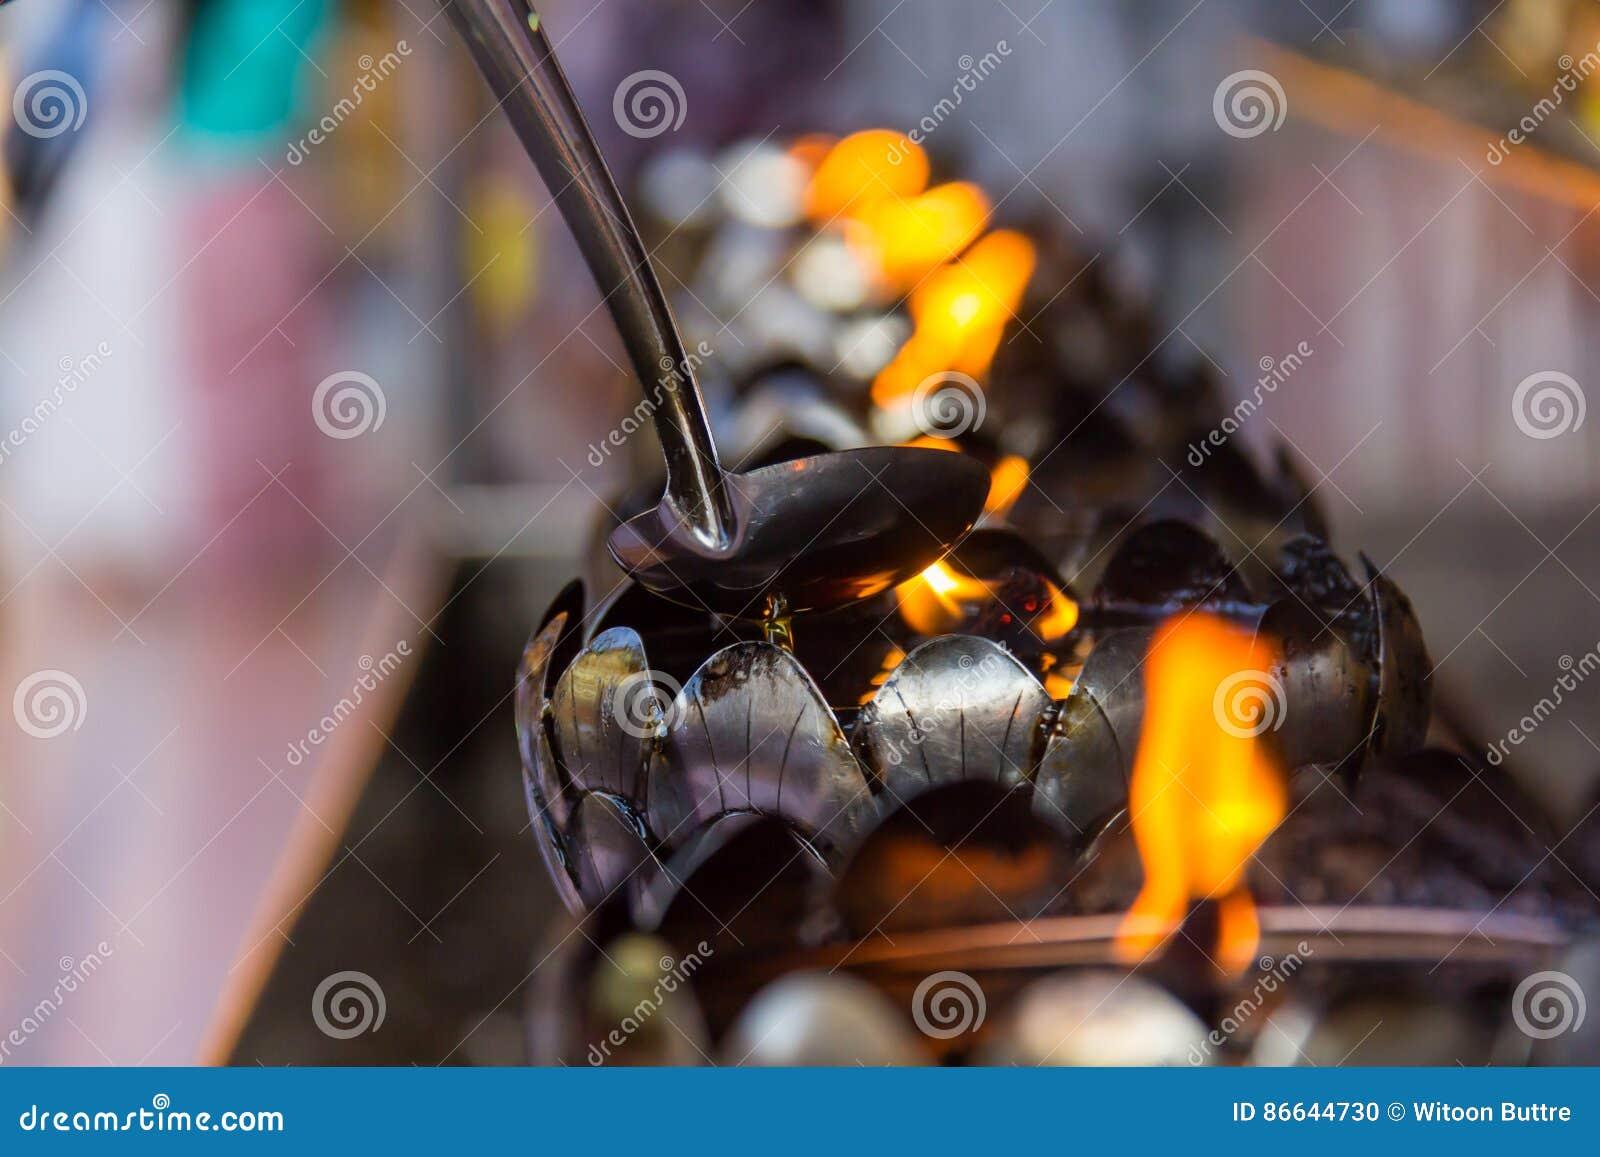 Feuer in der Eisenlampe